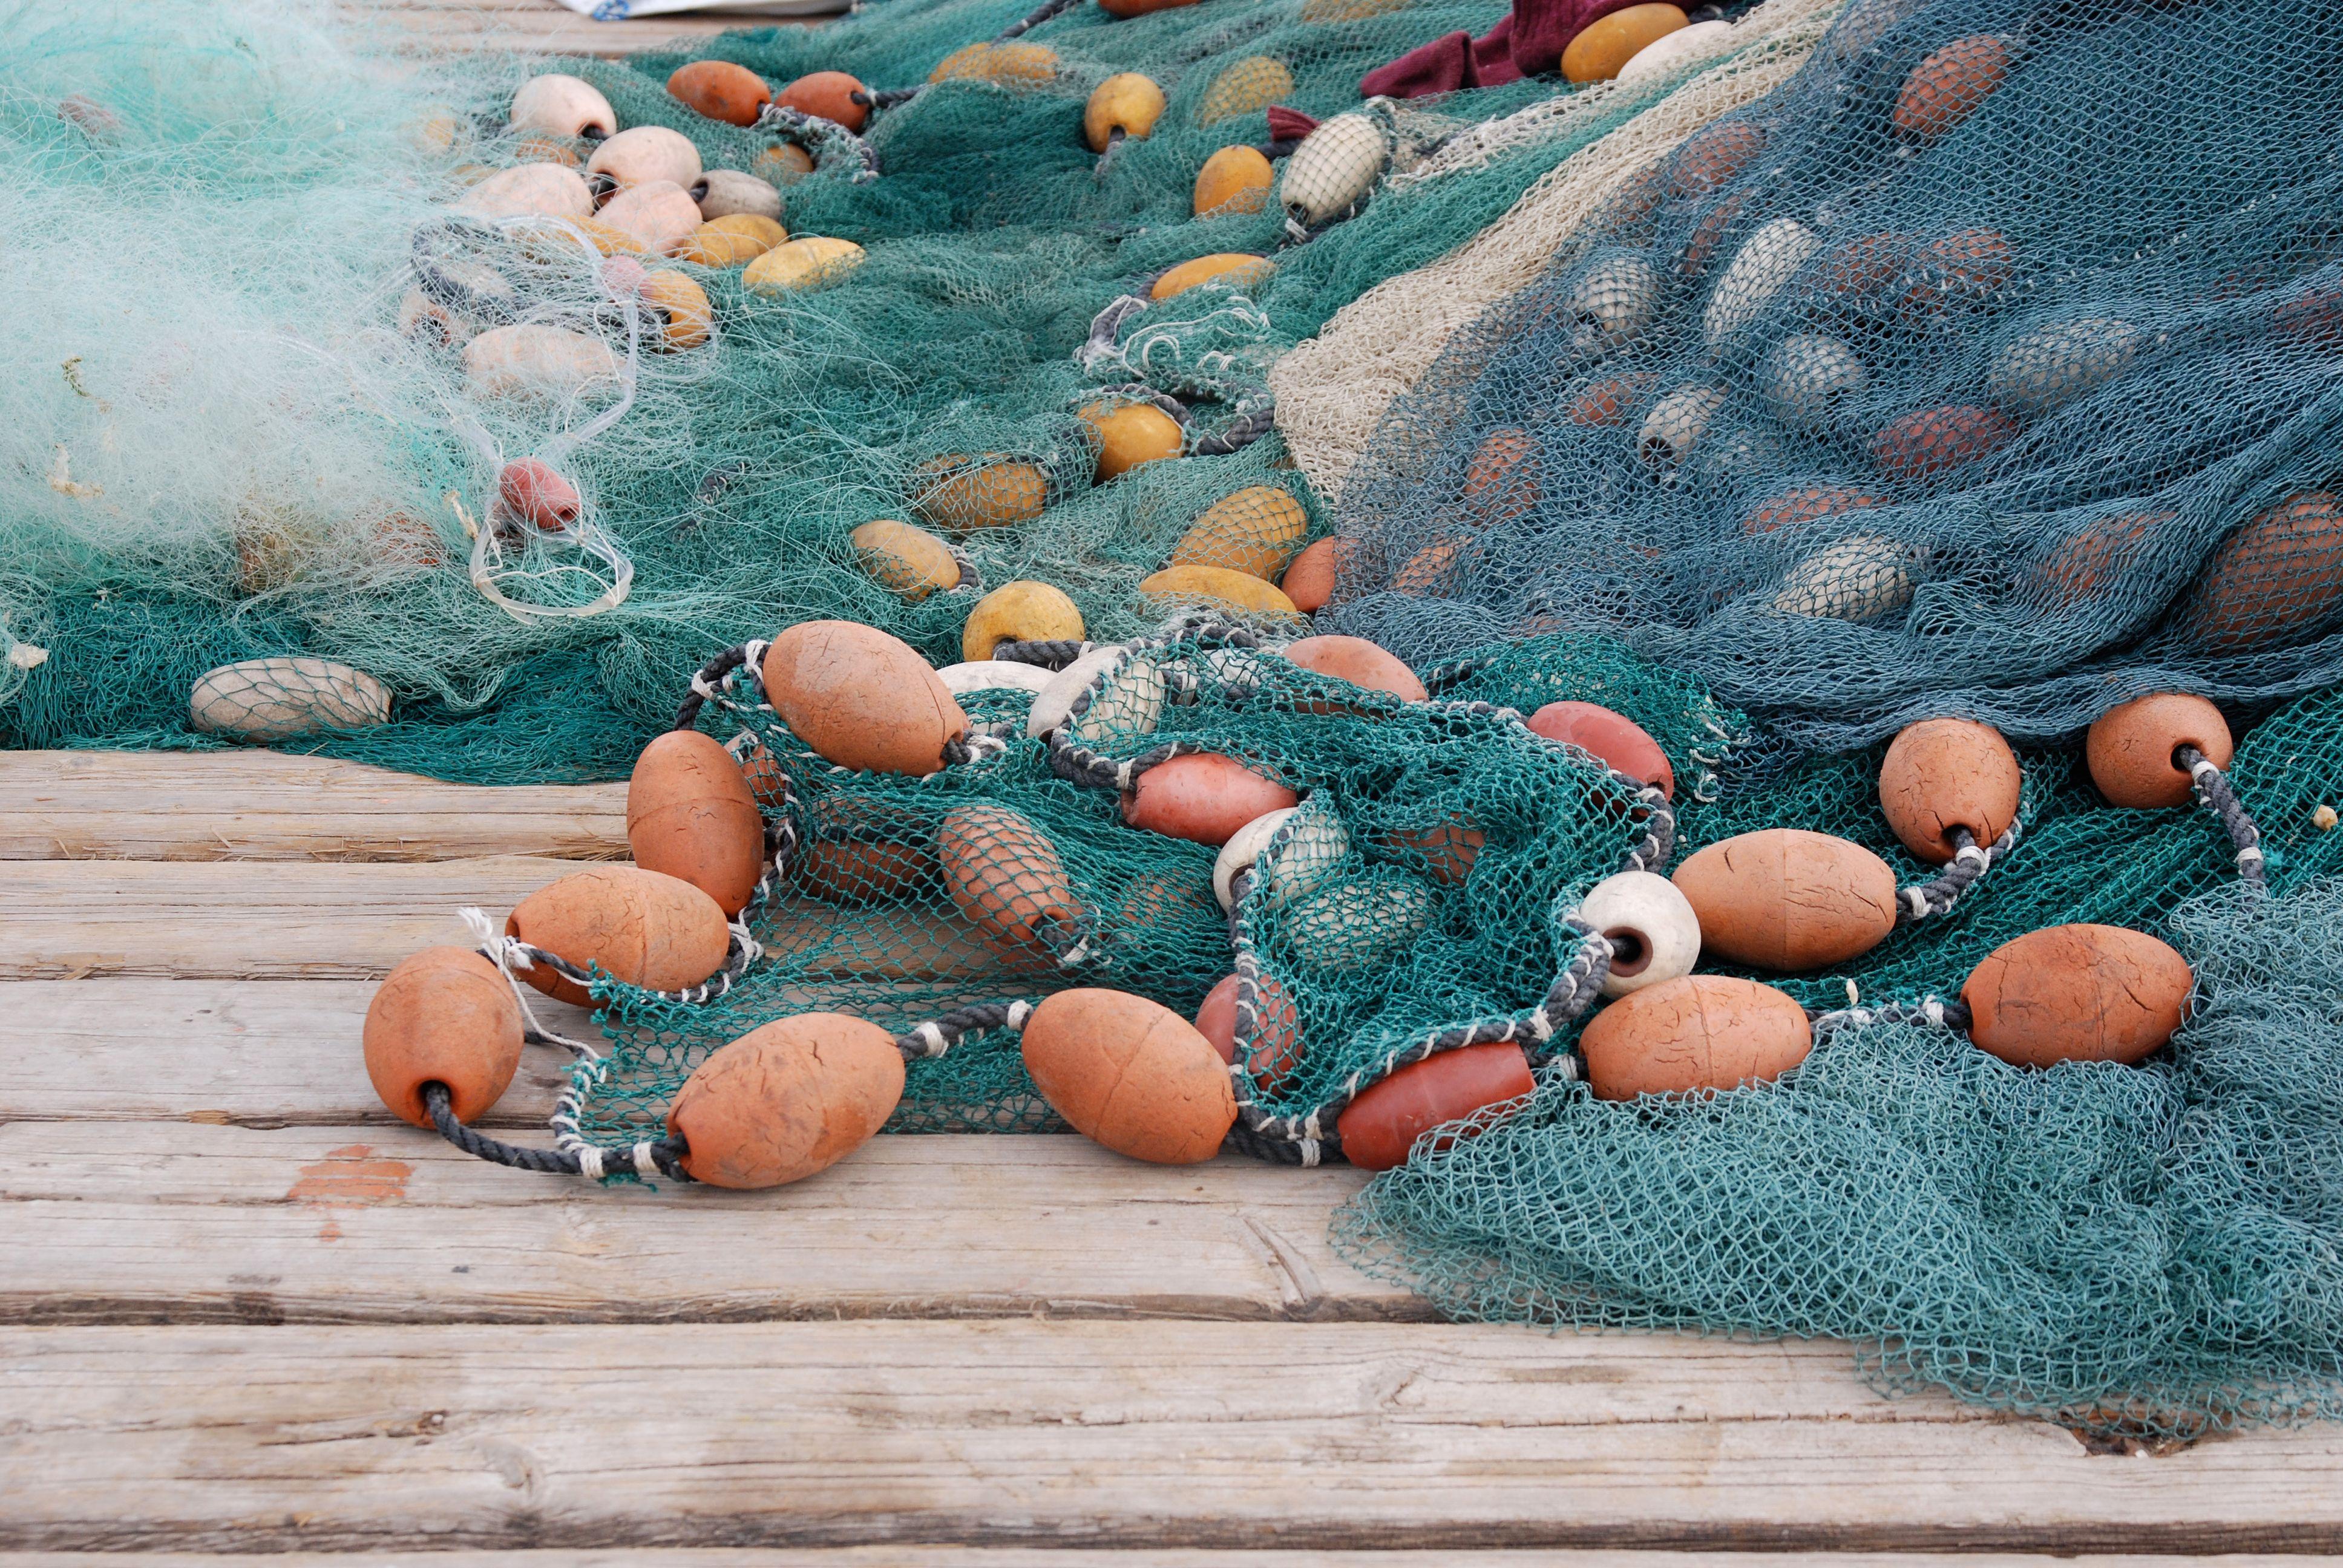 Venta de artes de pesca Sant Carles de la Ràpita